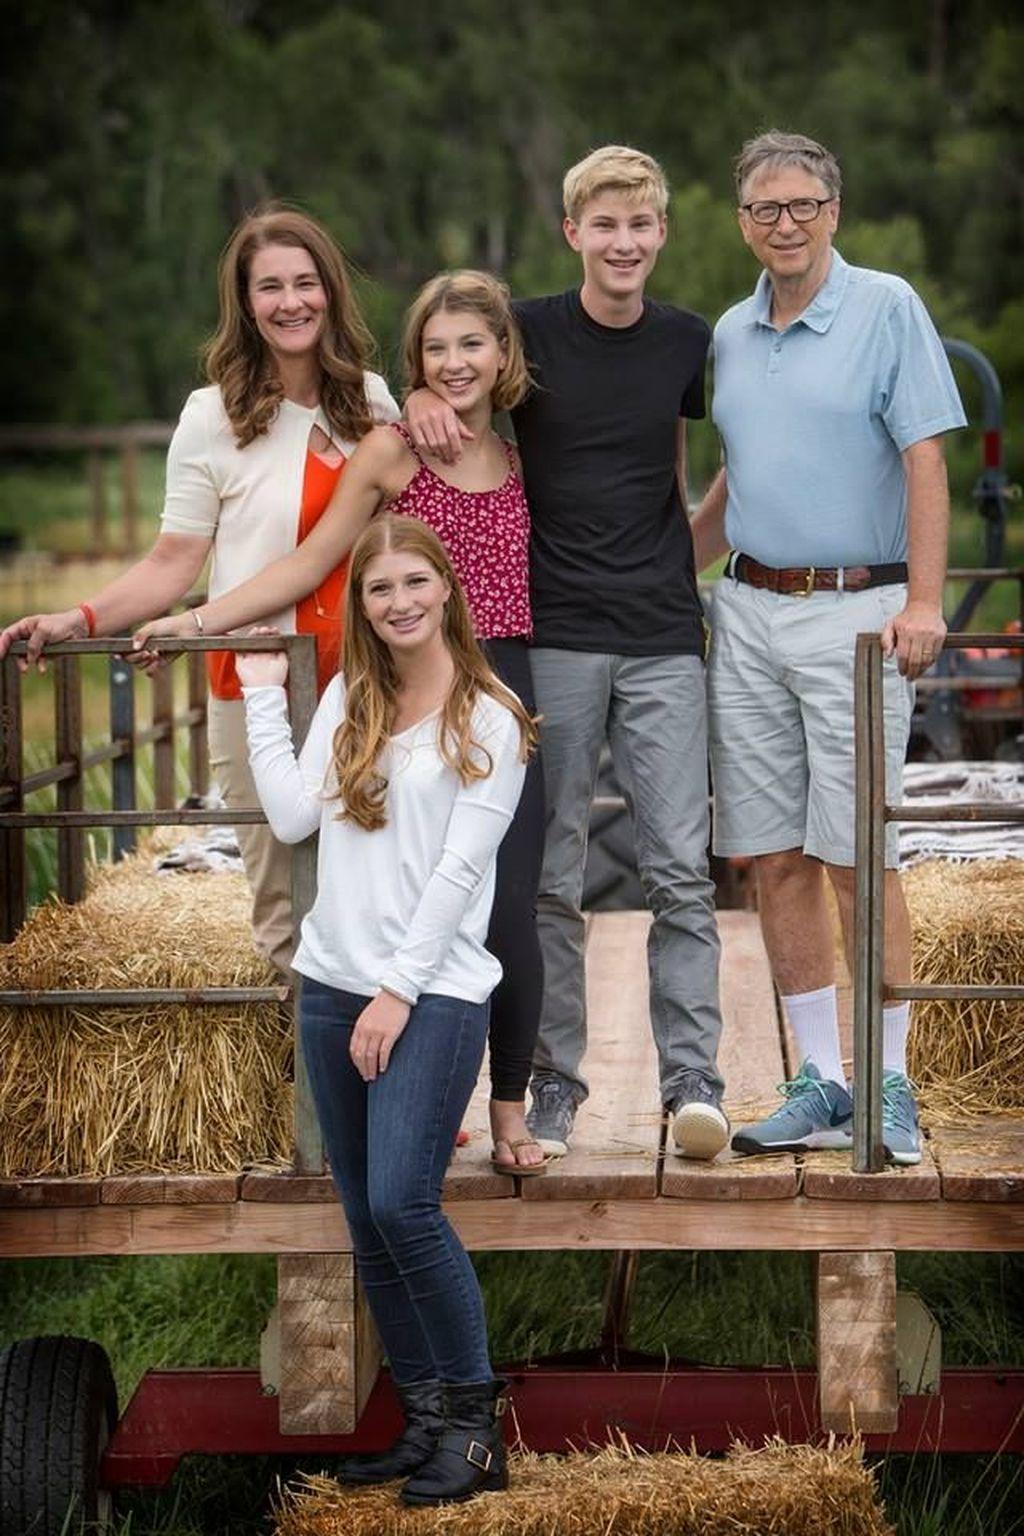 Rory berbaju hitam di samping Bill Gates, berfoto bersama keluarganya. Tampak di sini selain Bill Gates ada adiknya Phoebe, sang kakak Jennifer serta sang ibu, Melinda. Foto: Instagram